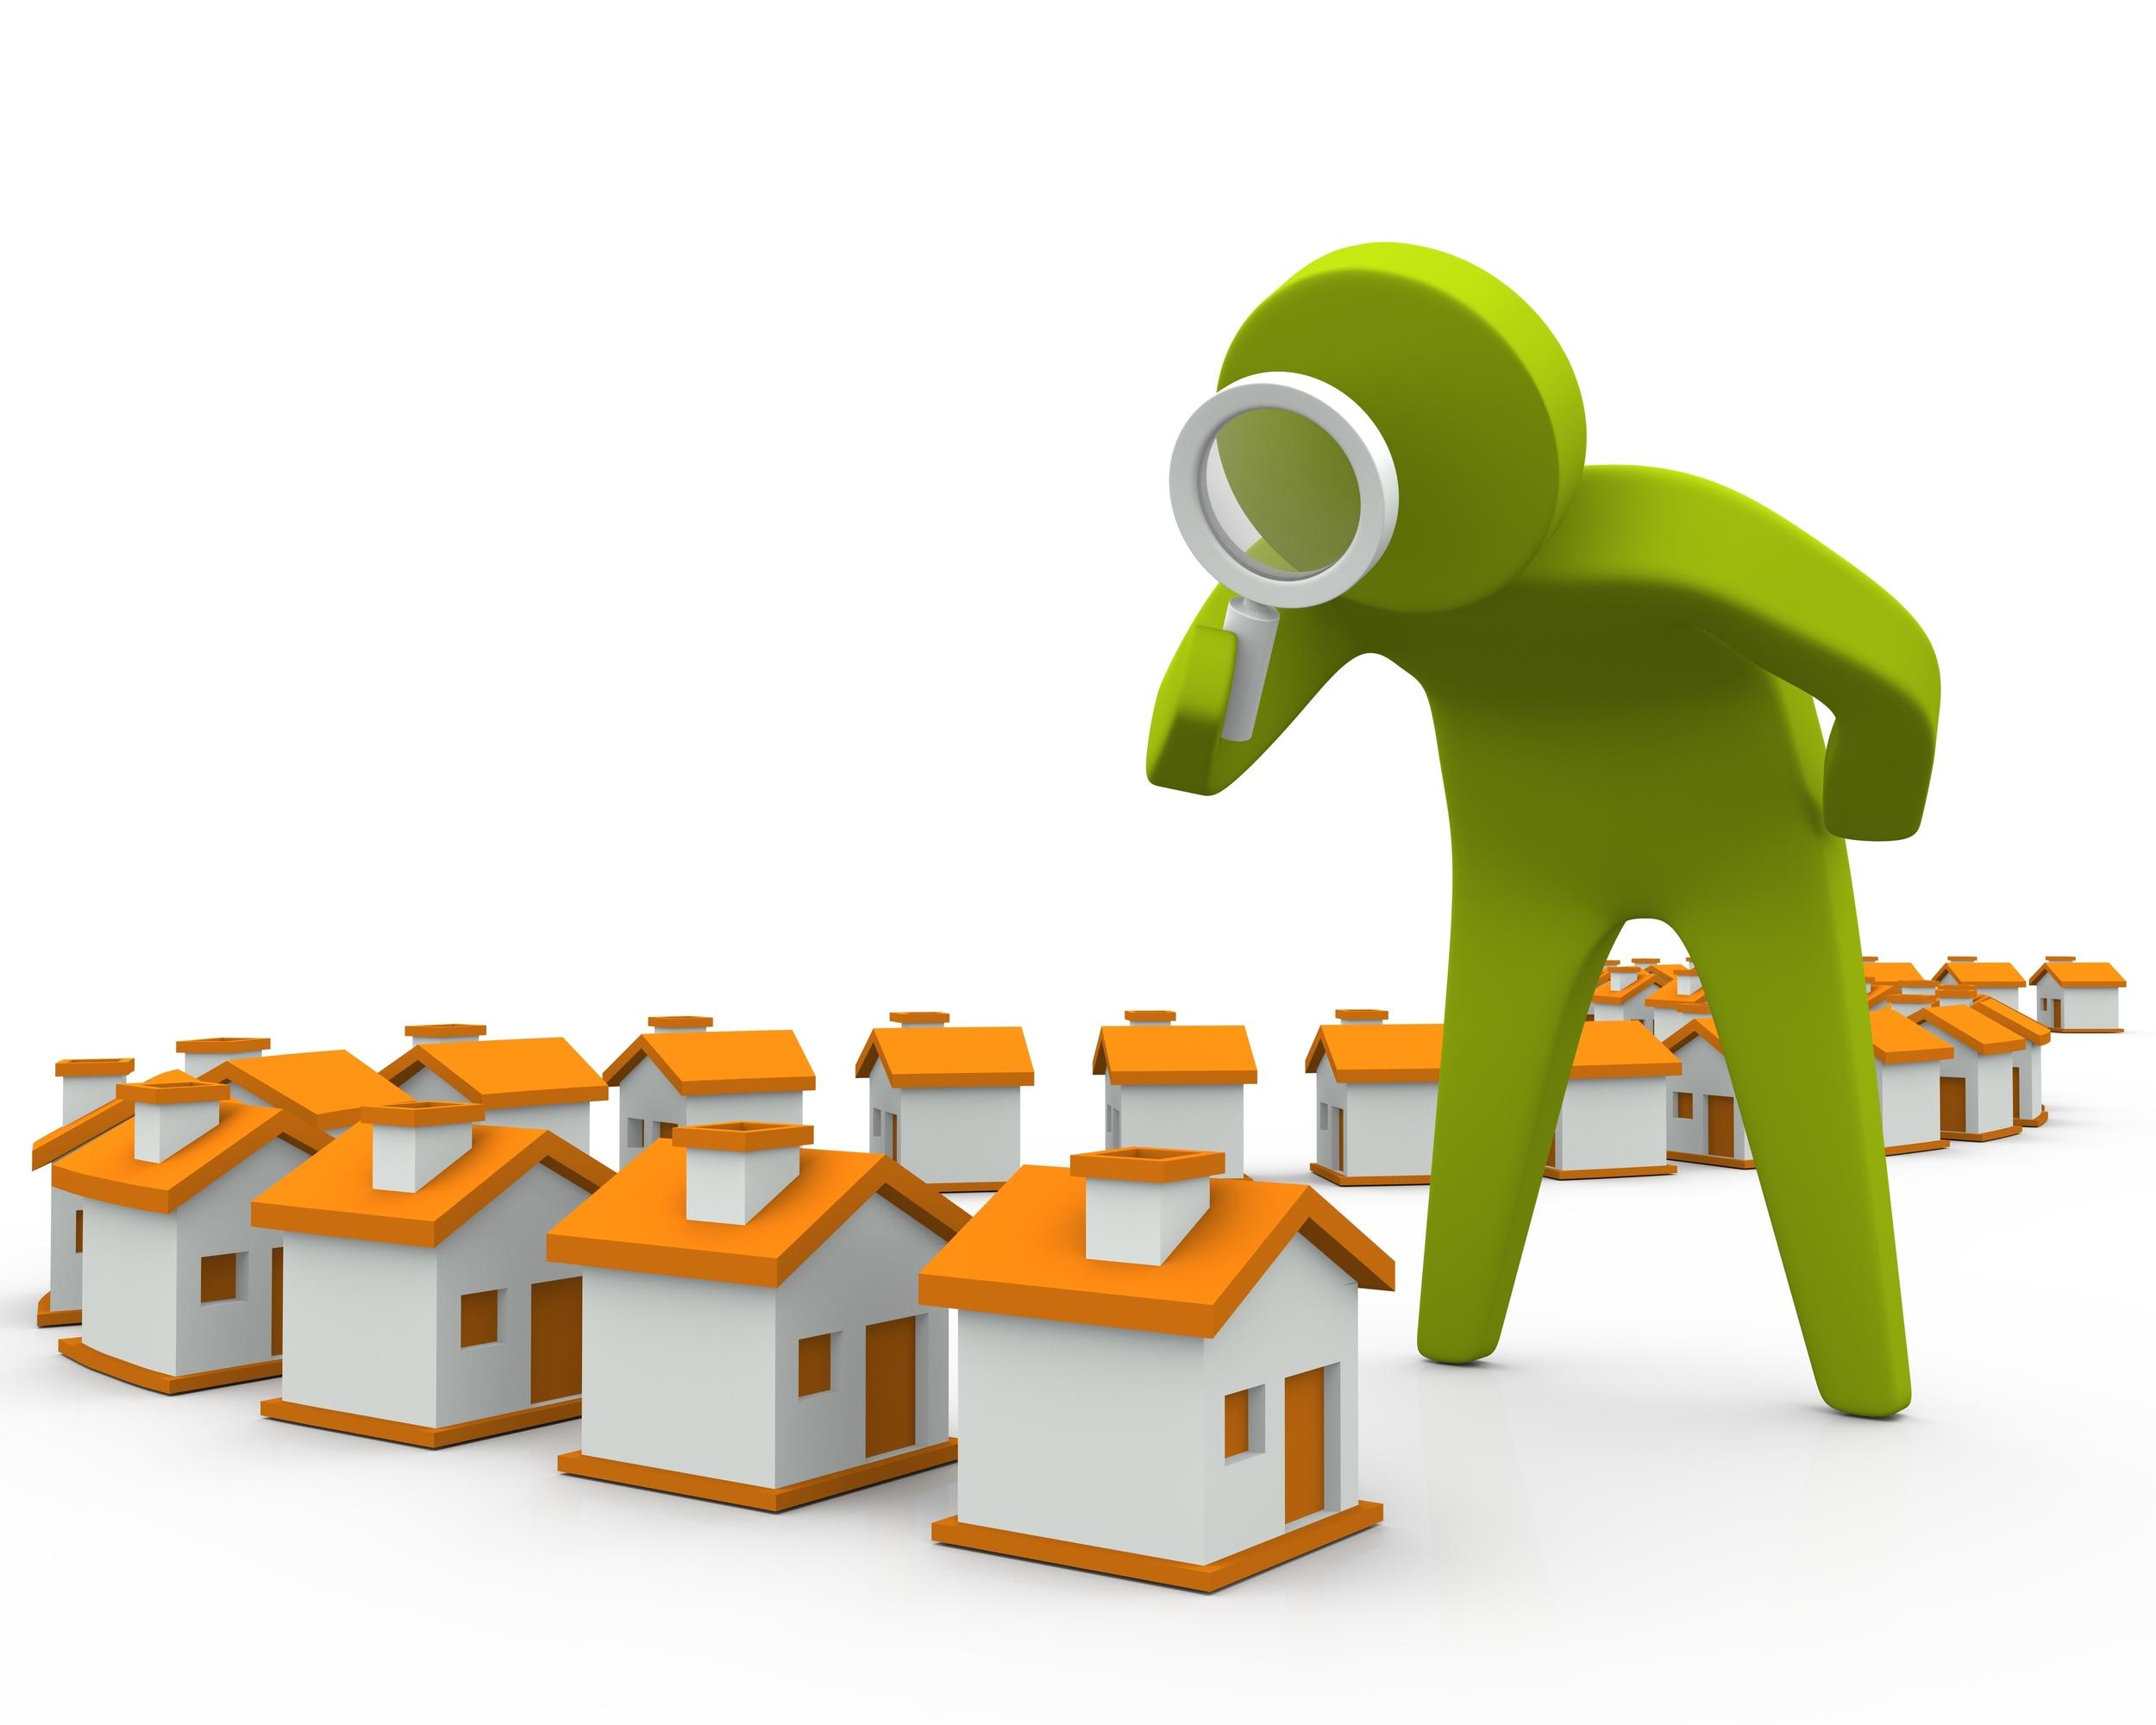 bigstock-Inspecting-houses-7515839.jpg